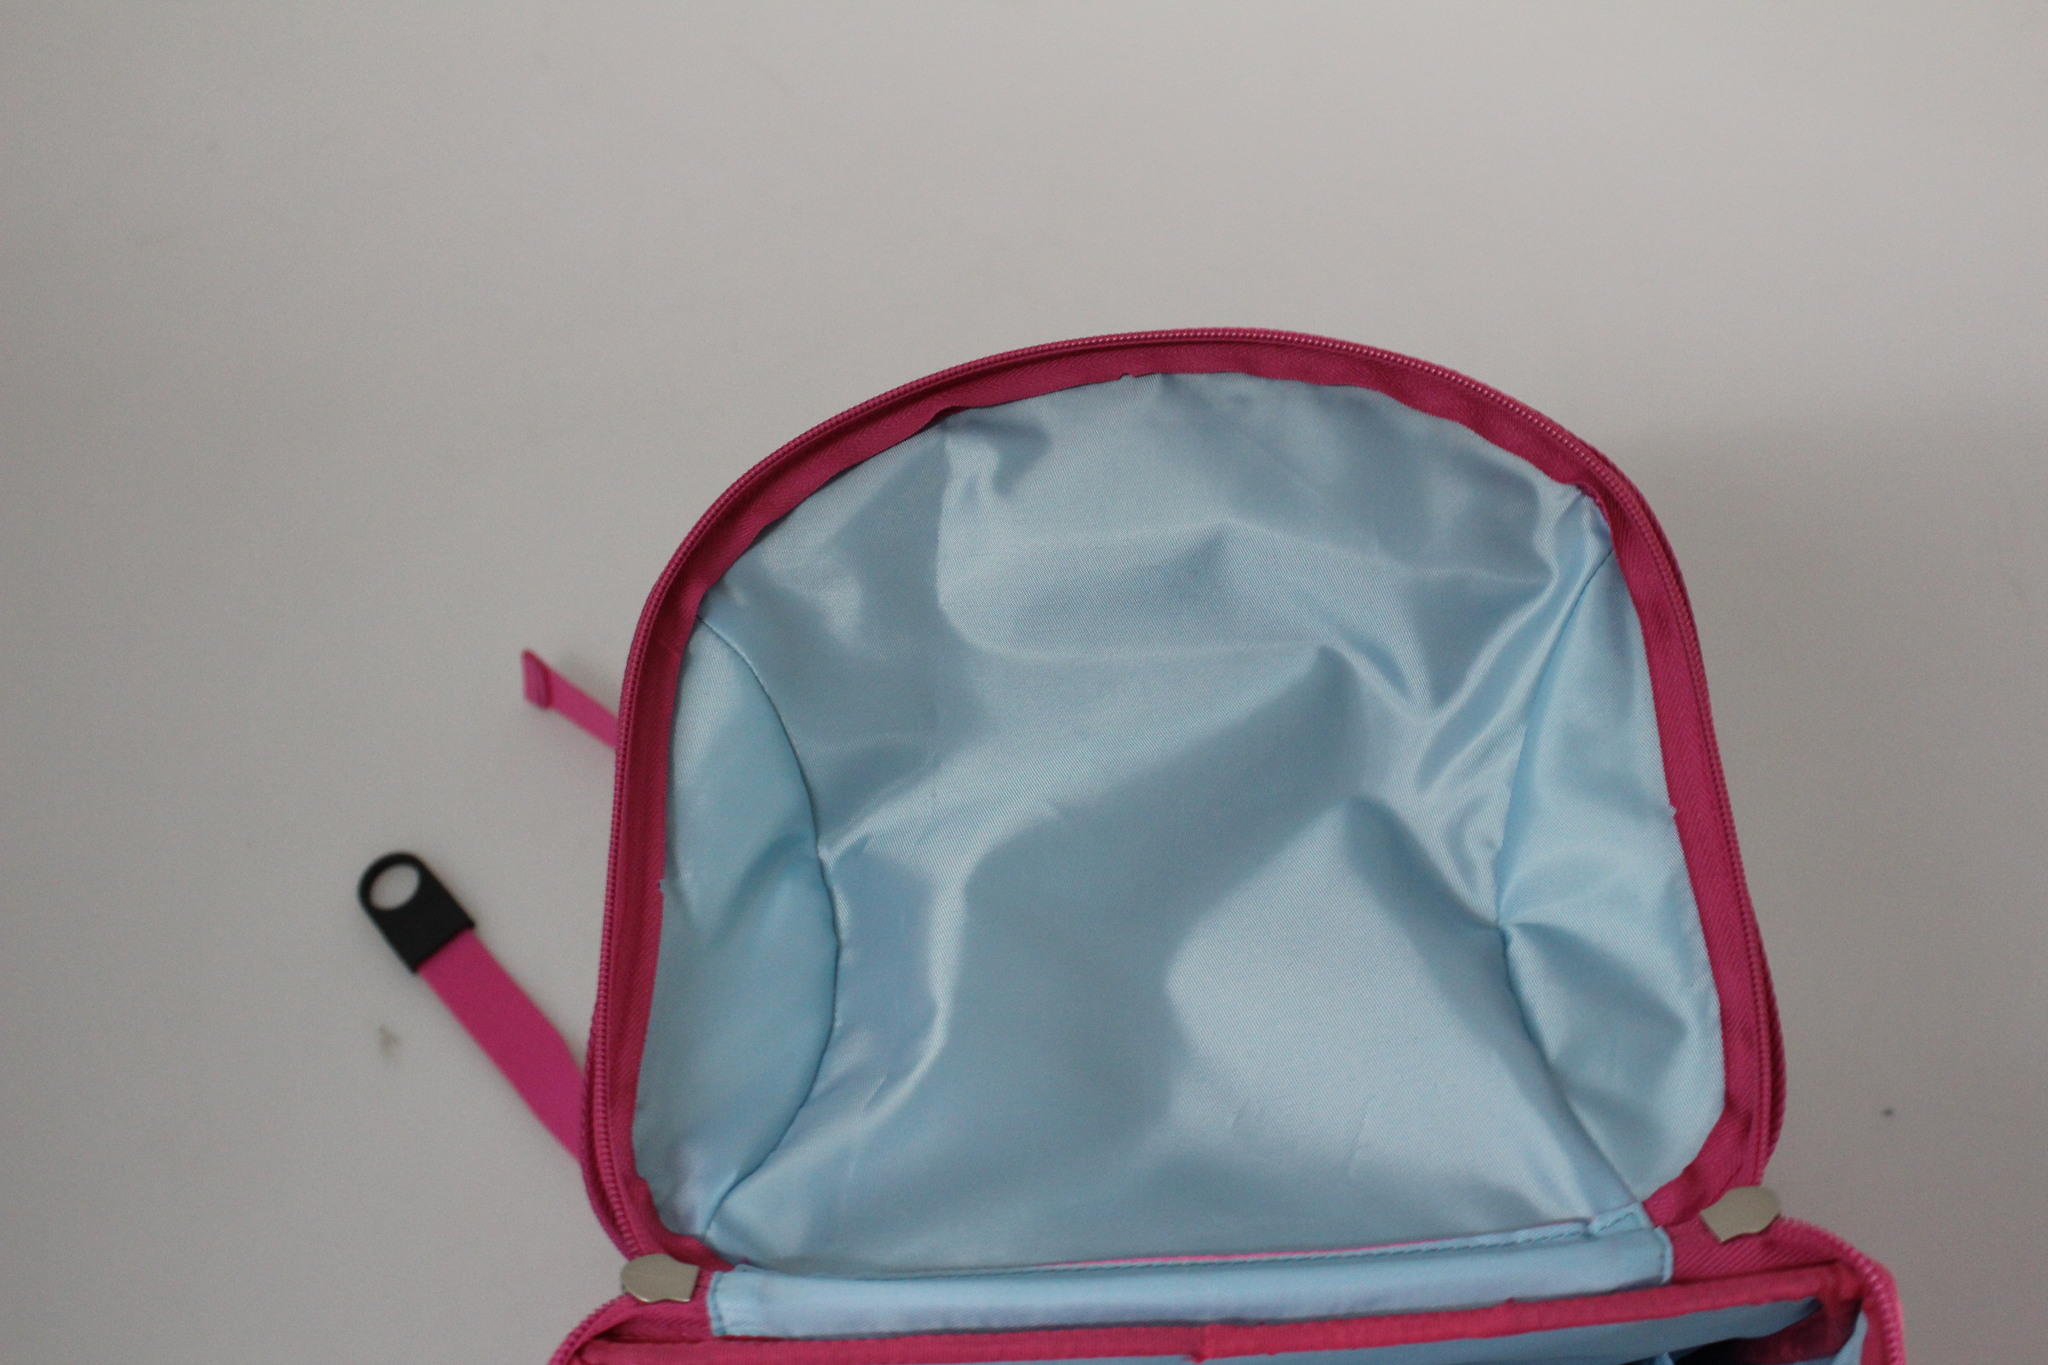 Школьный пиксельный рюкзак Super Class розовый внутреннее пространство